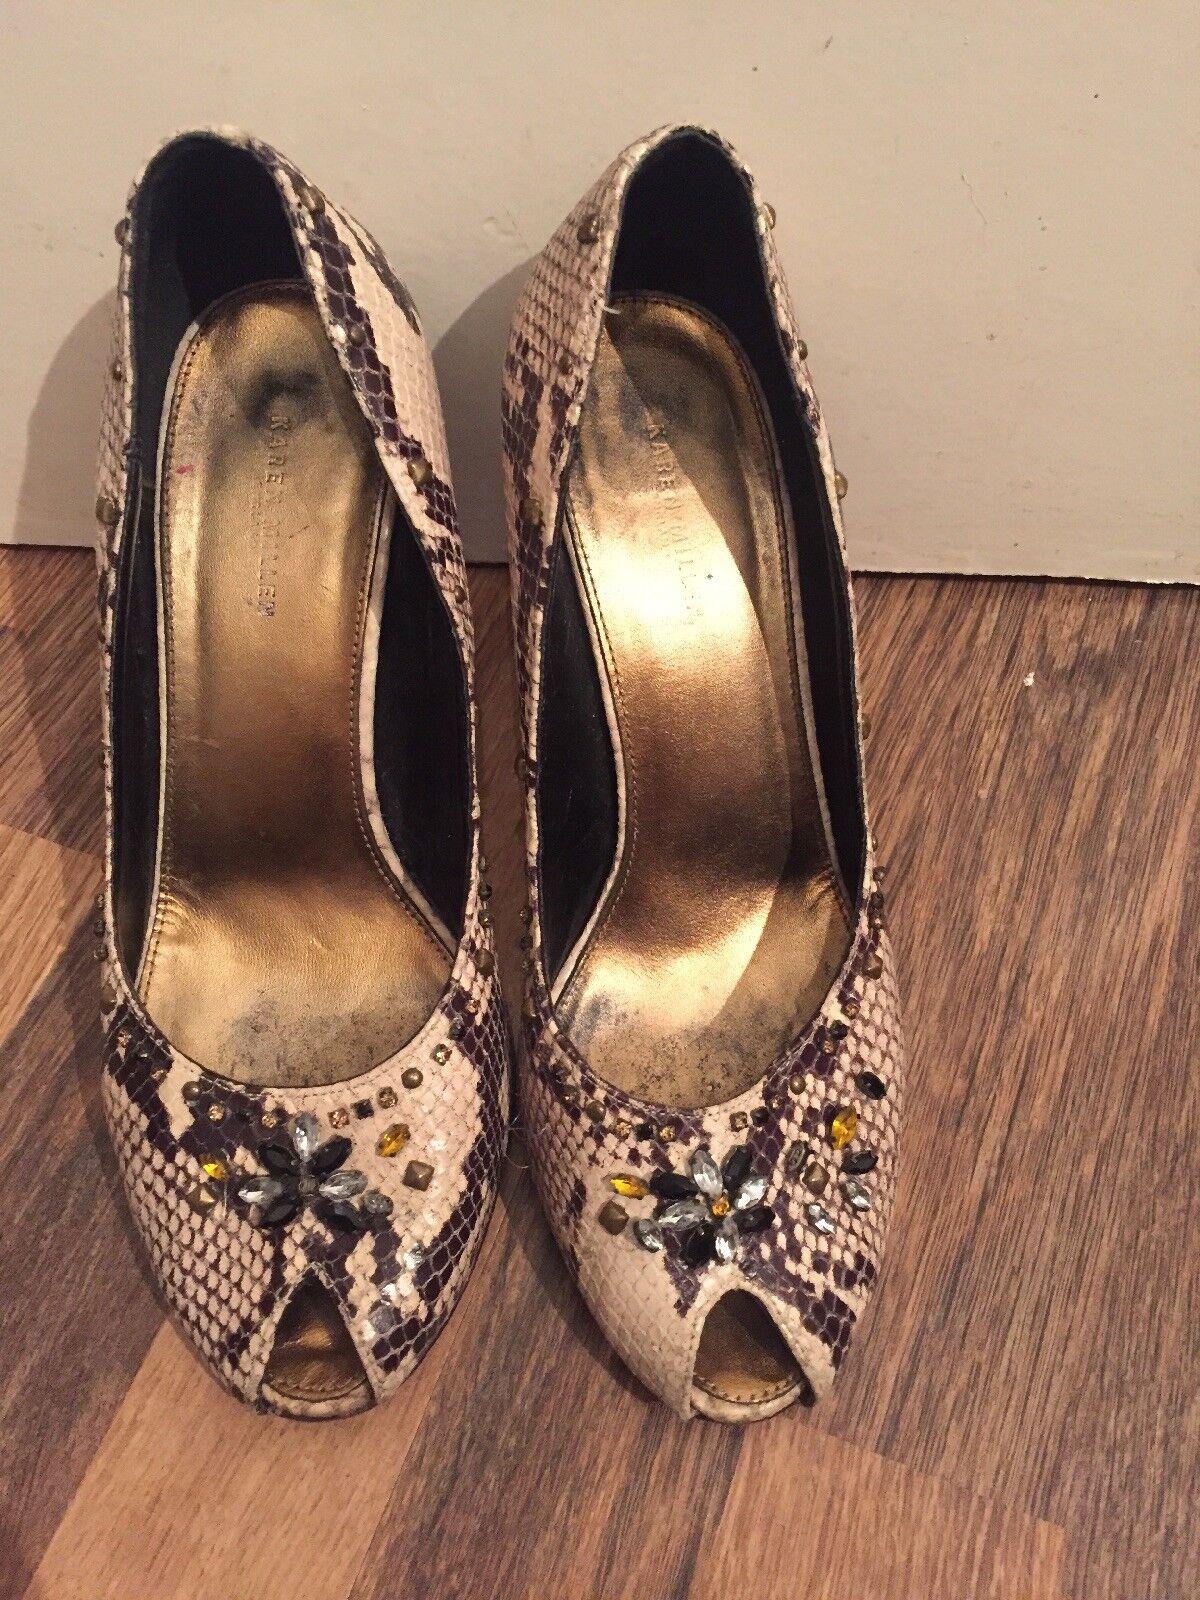 Vintage Beige And Brown Mock Snake Leather Bling Peep Toes Karen Millen Size 6.5